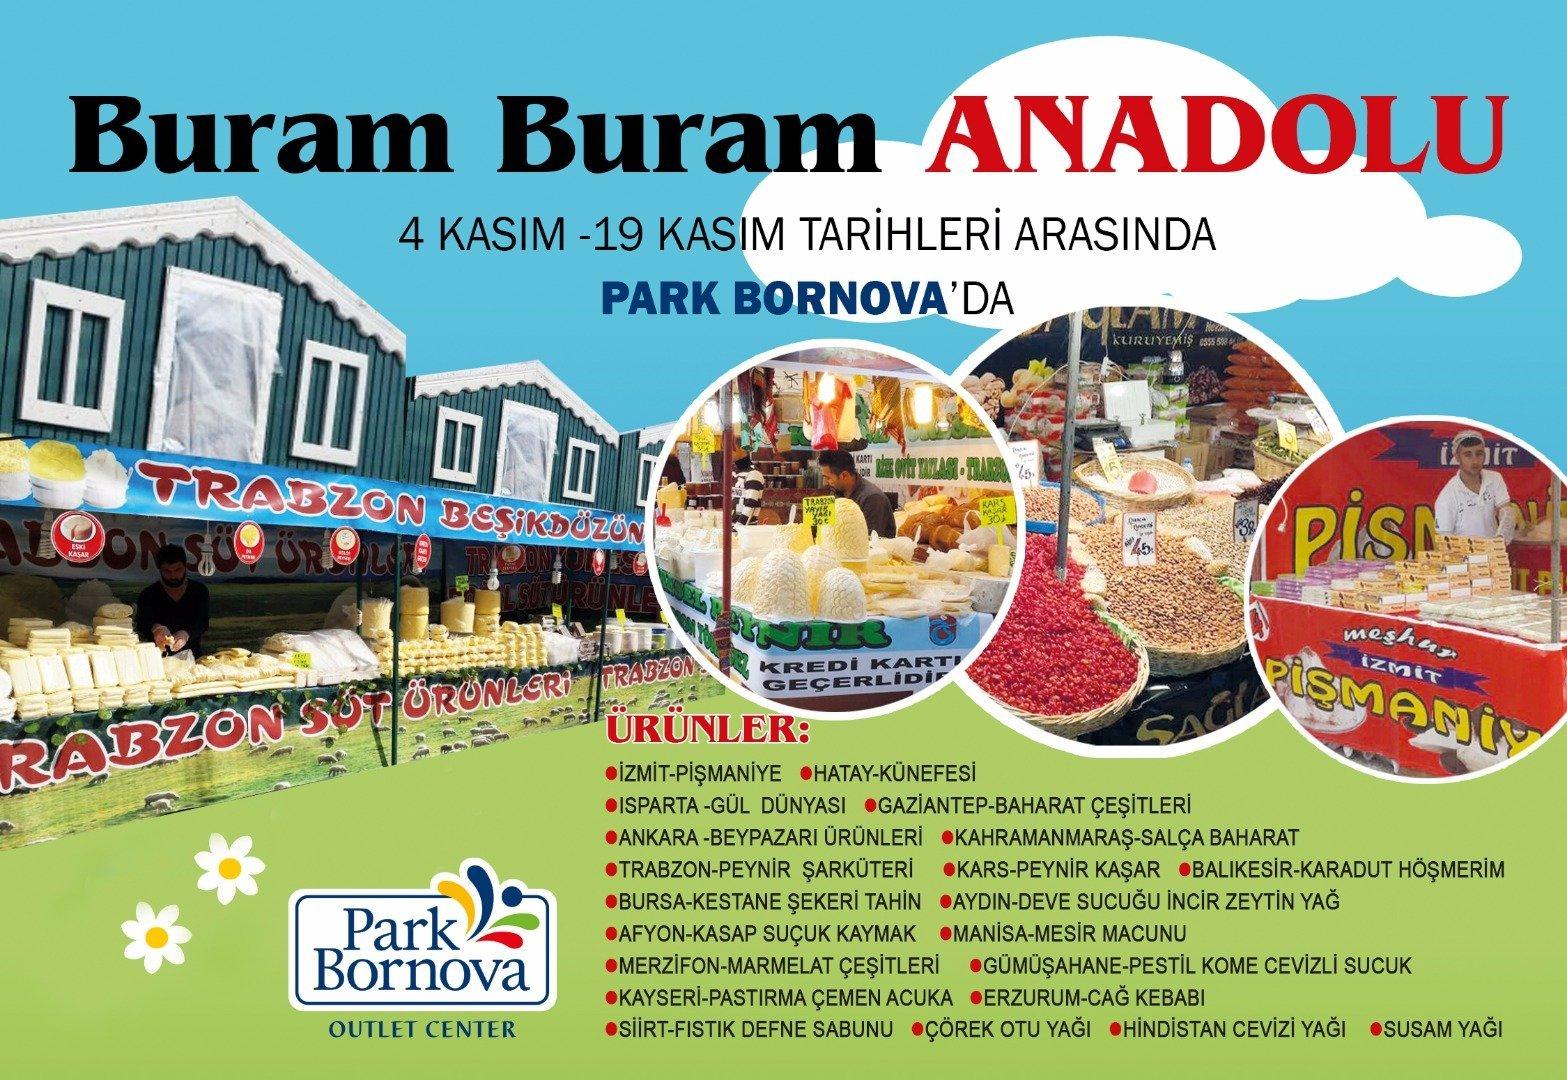 """Park Bornova'da """"Buram Buram Anadolu"""" esiyor"""